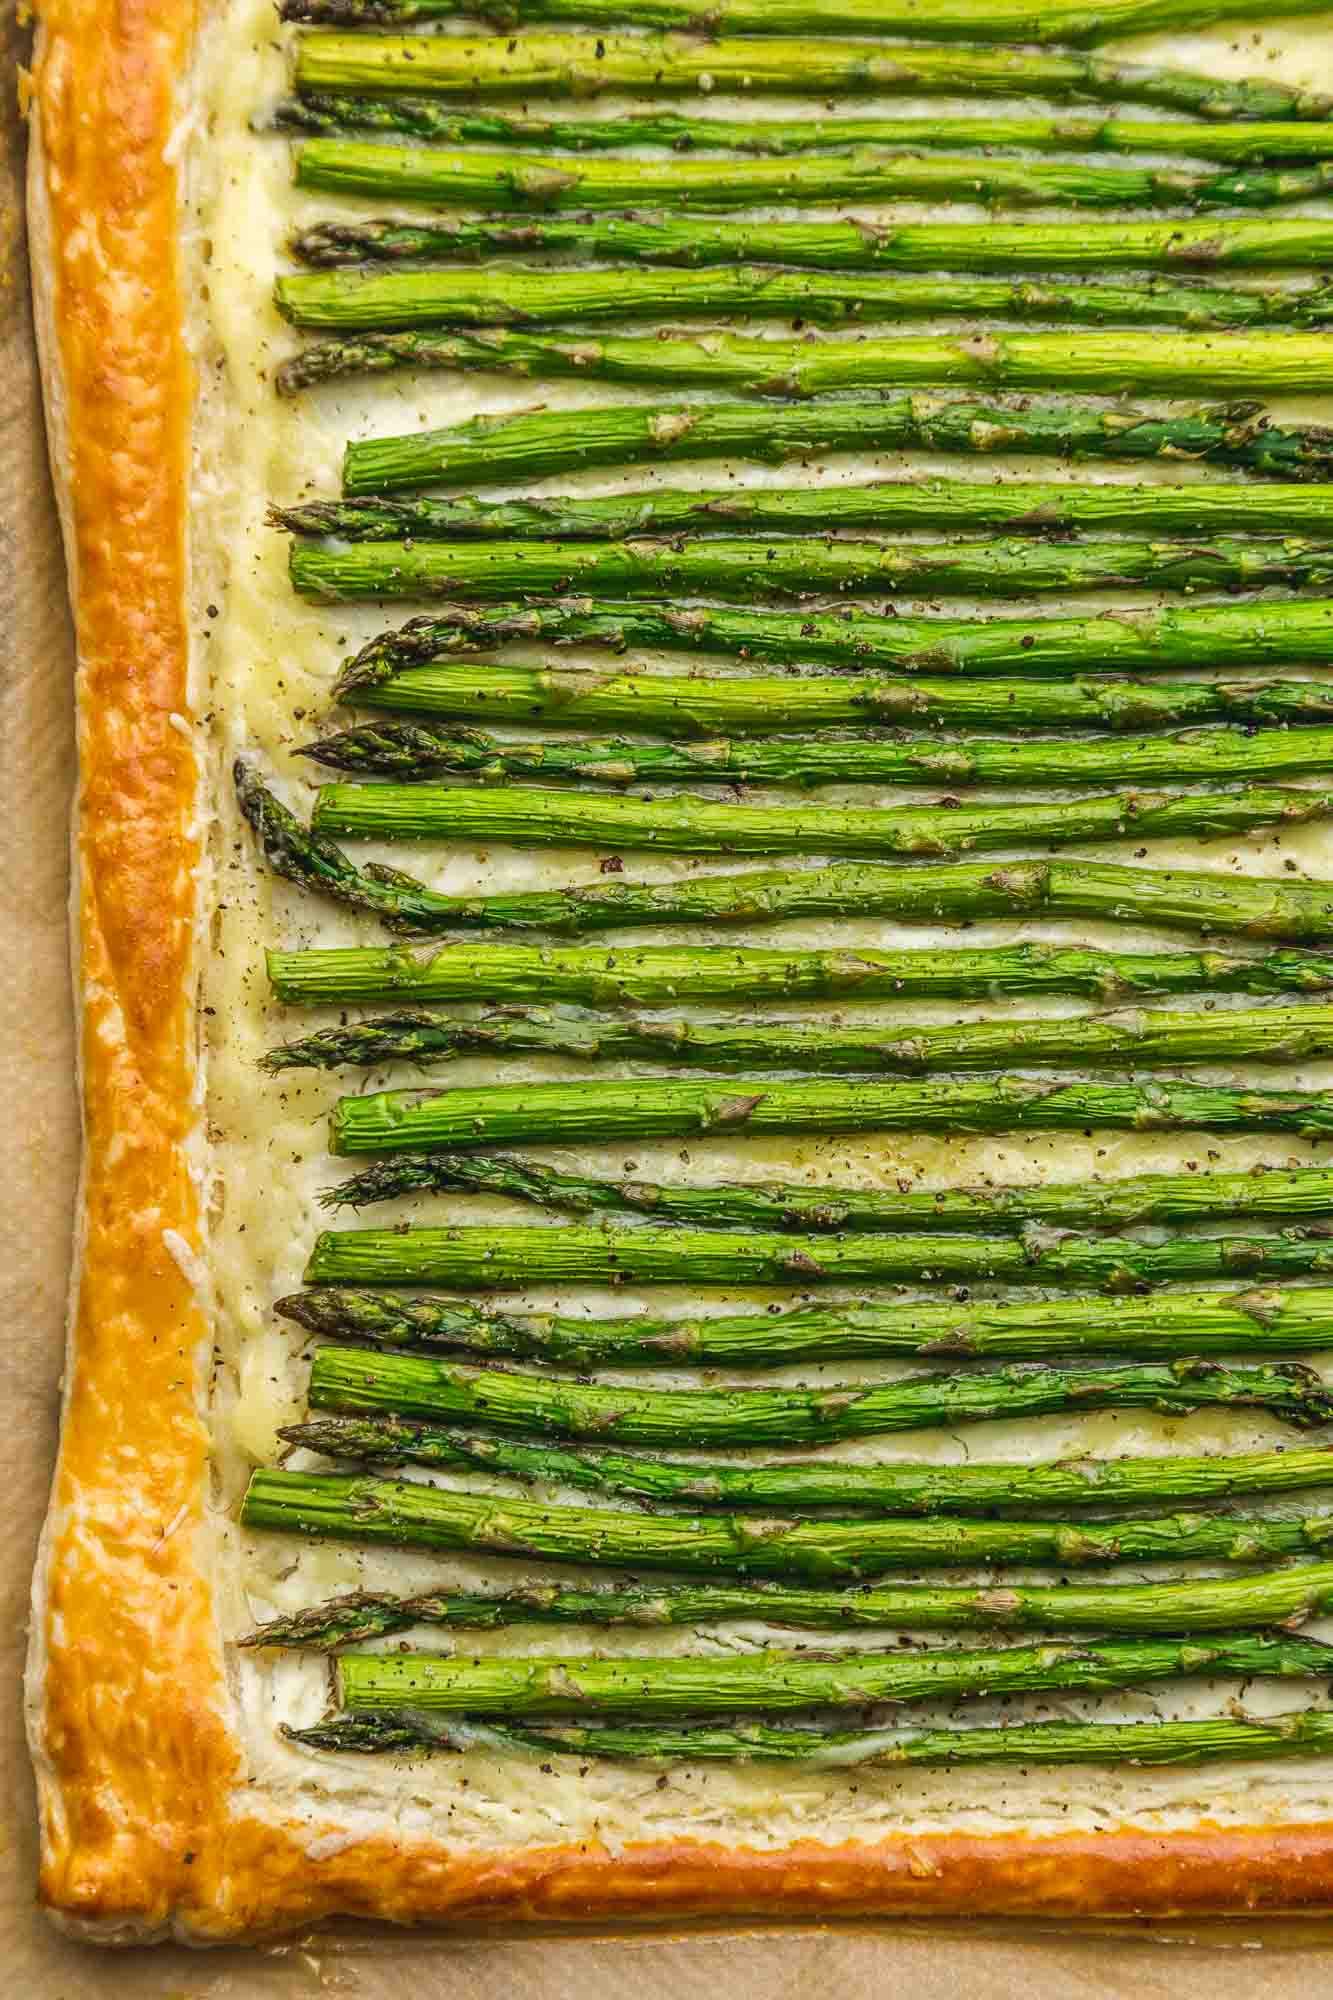 Whole asparagus tart, overhead shot.